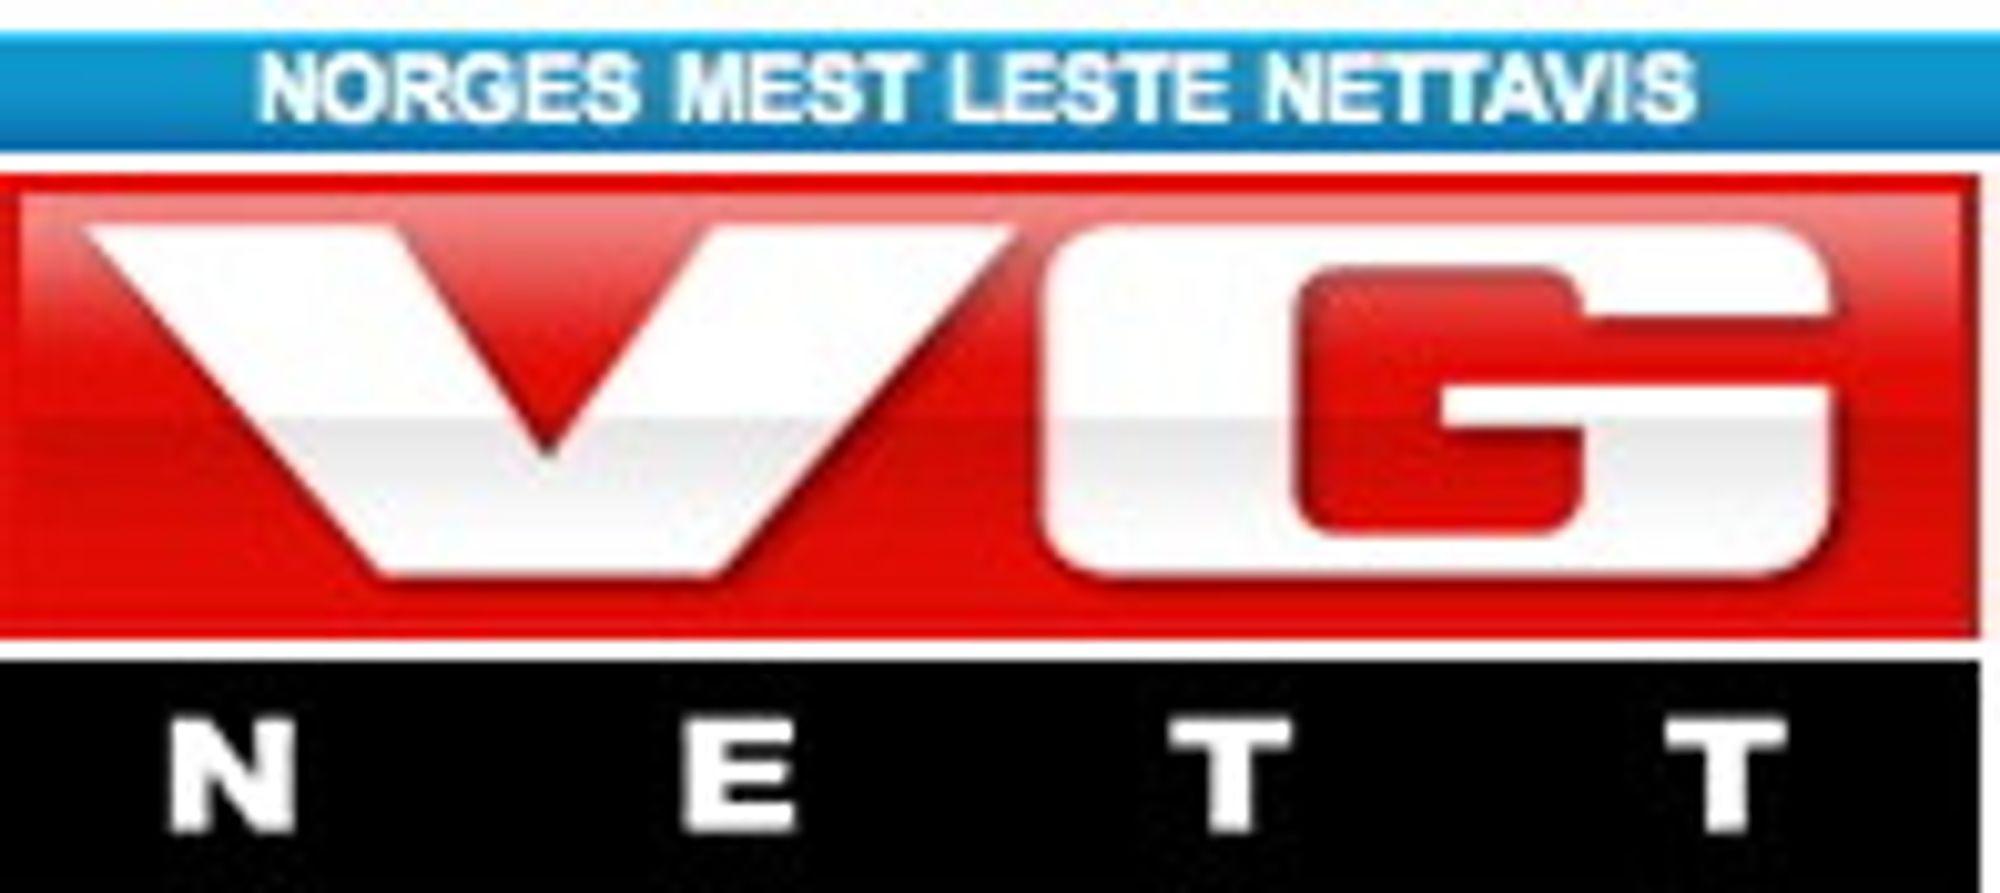 NUMMER 5: VG Nett er landets største nettavis, men bare det femte største nettstedet i Norge, ifølge alexa.com.